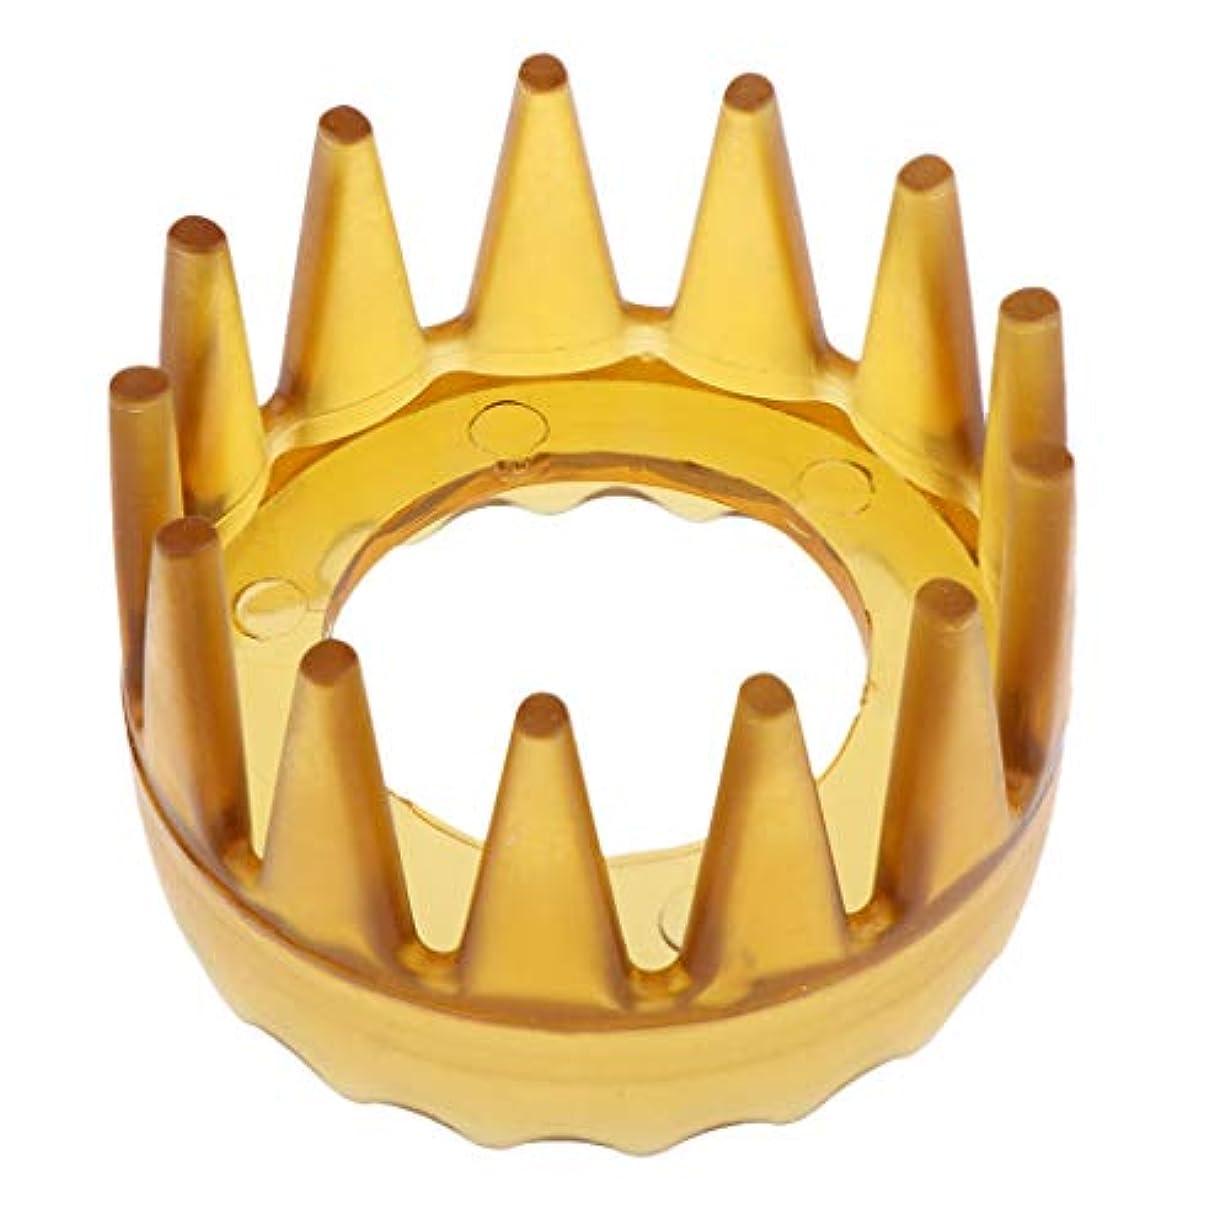 牛四回パンフレットプラスチック製 シャンプーブラシ 洗髪櫛 マッサージャー ヘアコーム ヘアブラシ 直径約6cm 全4色 - 黄